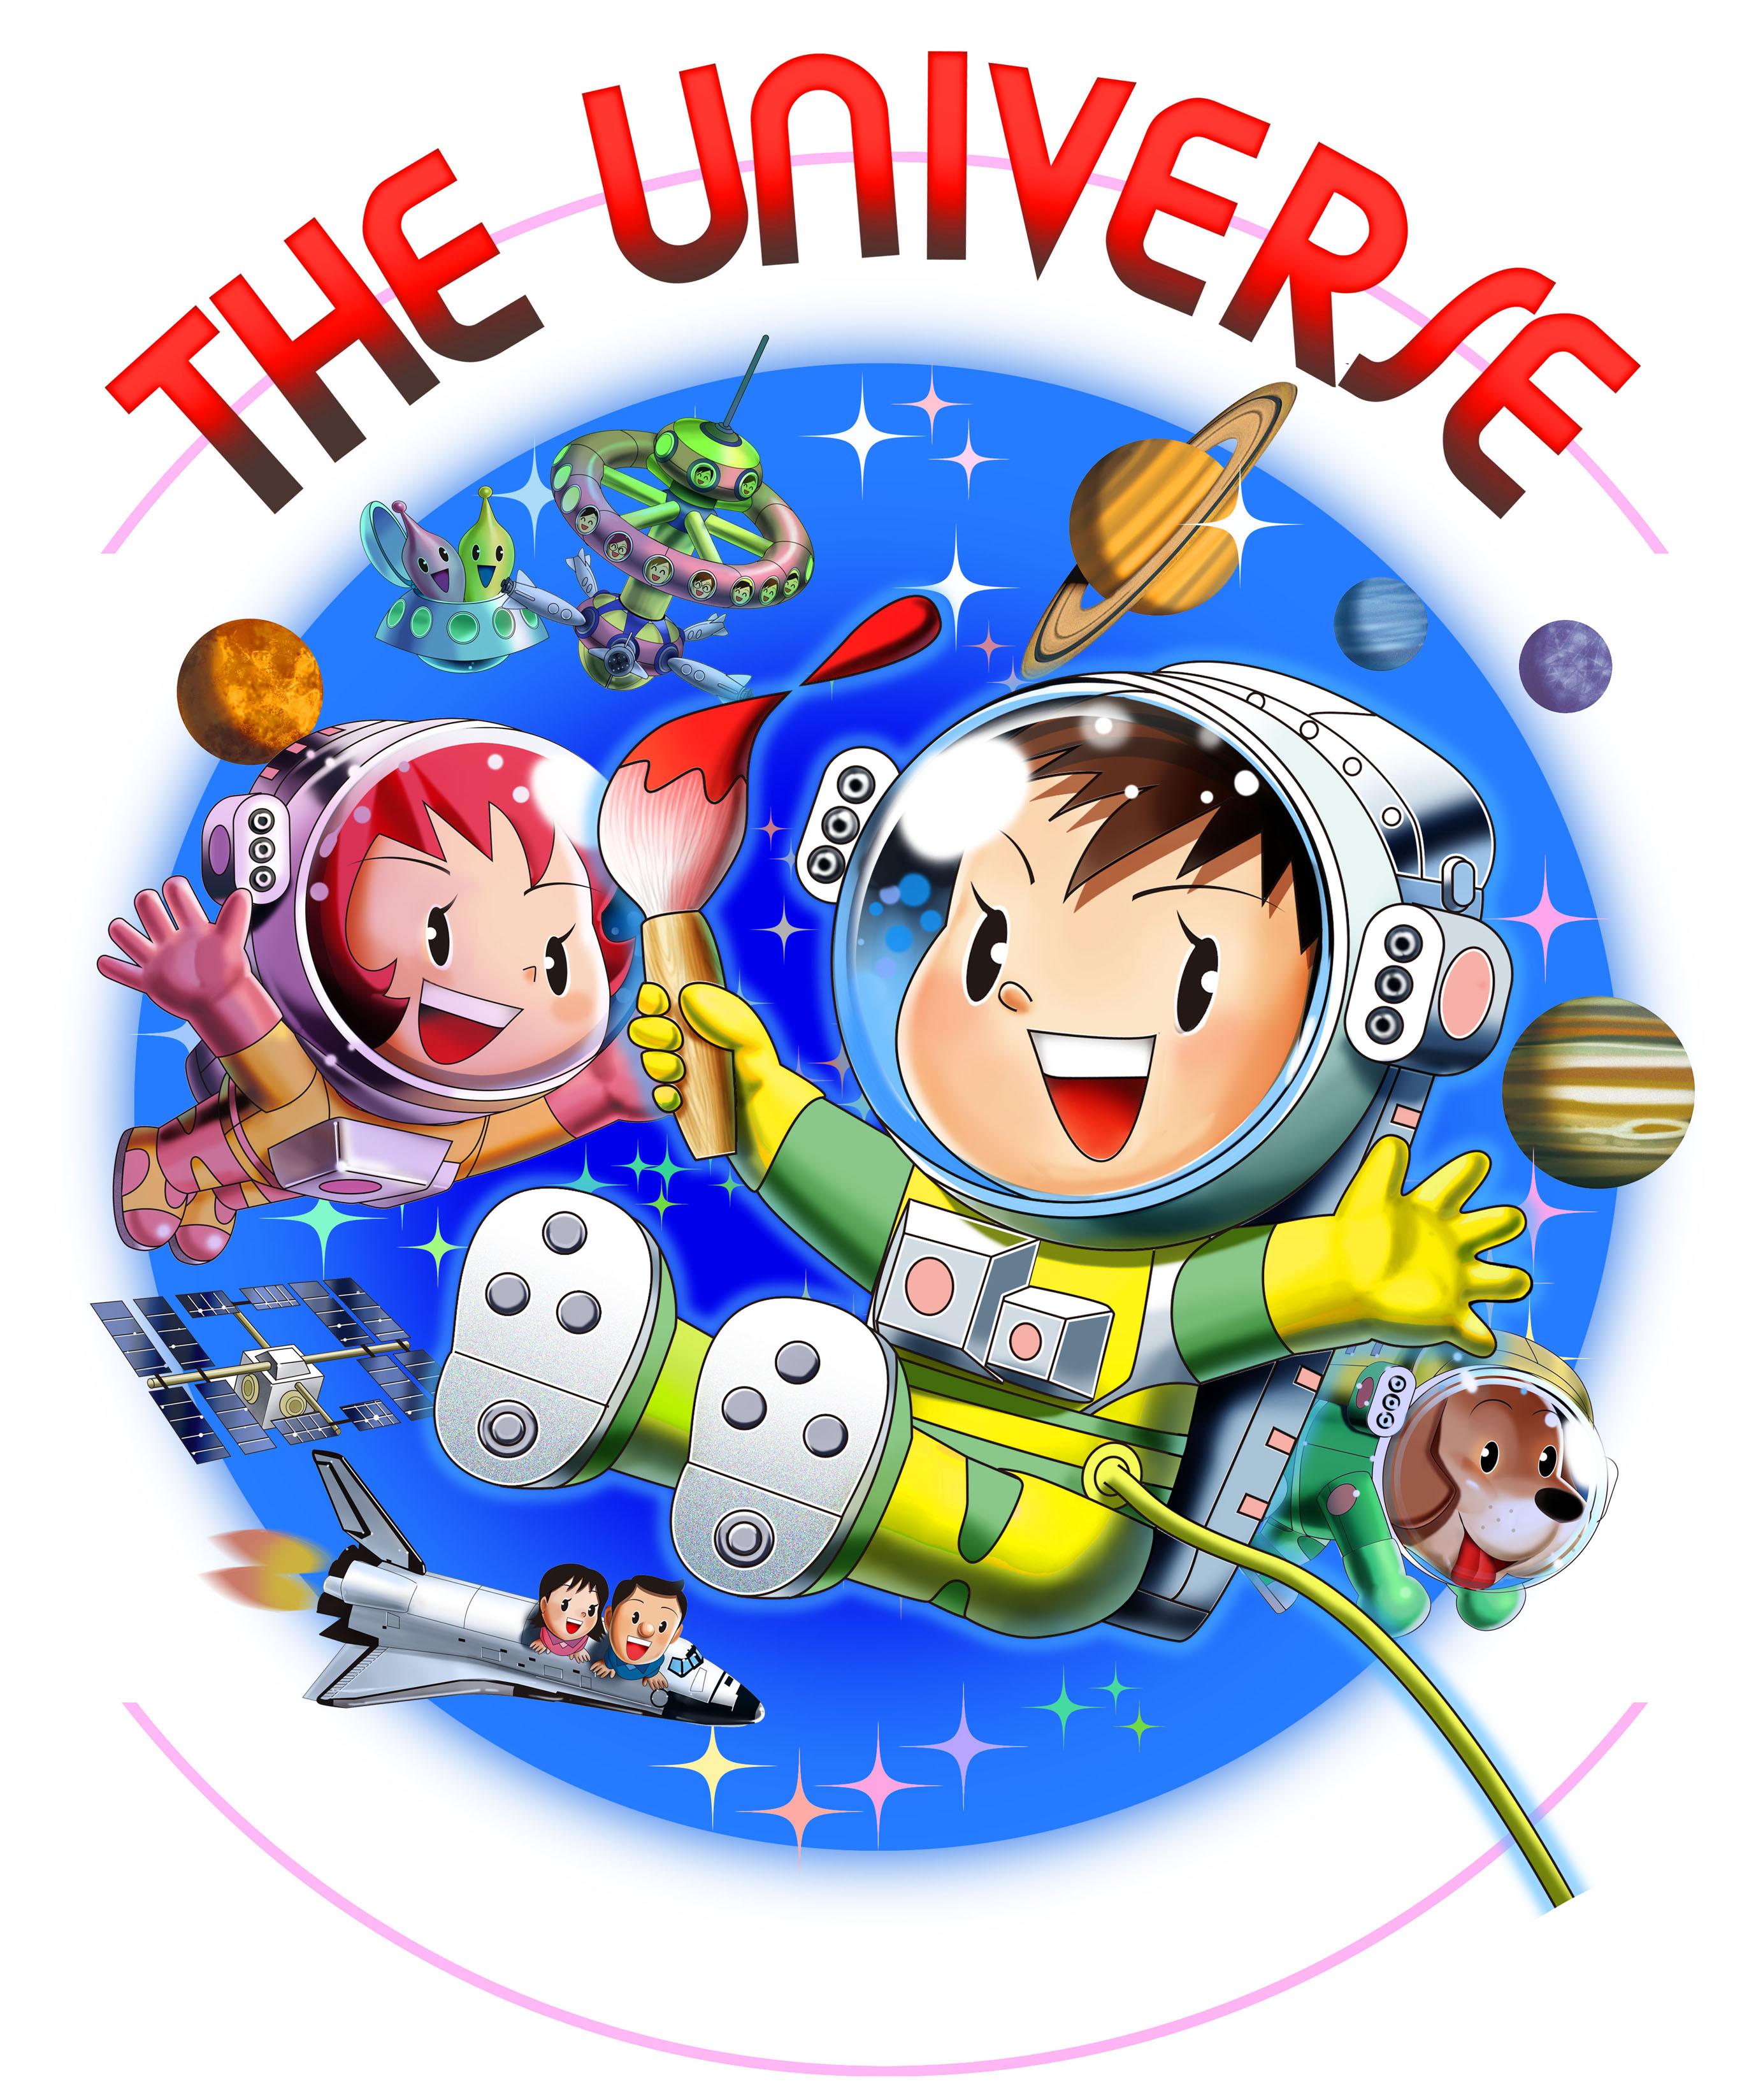 universe_dream20150619